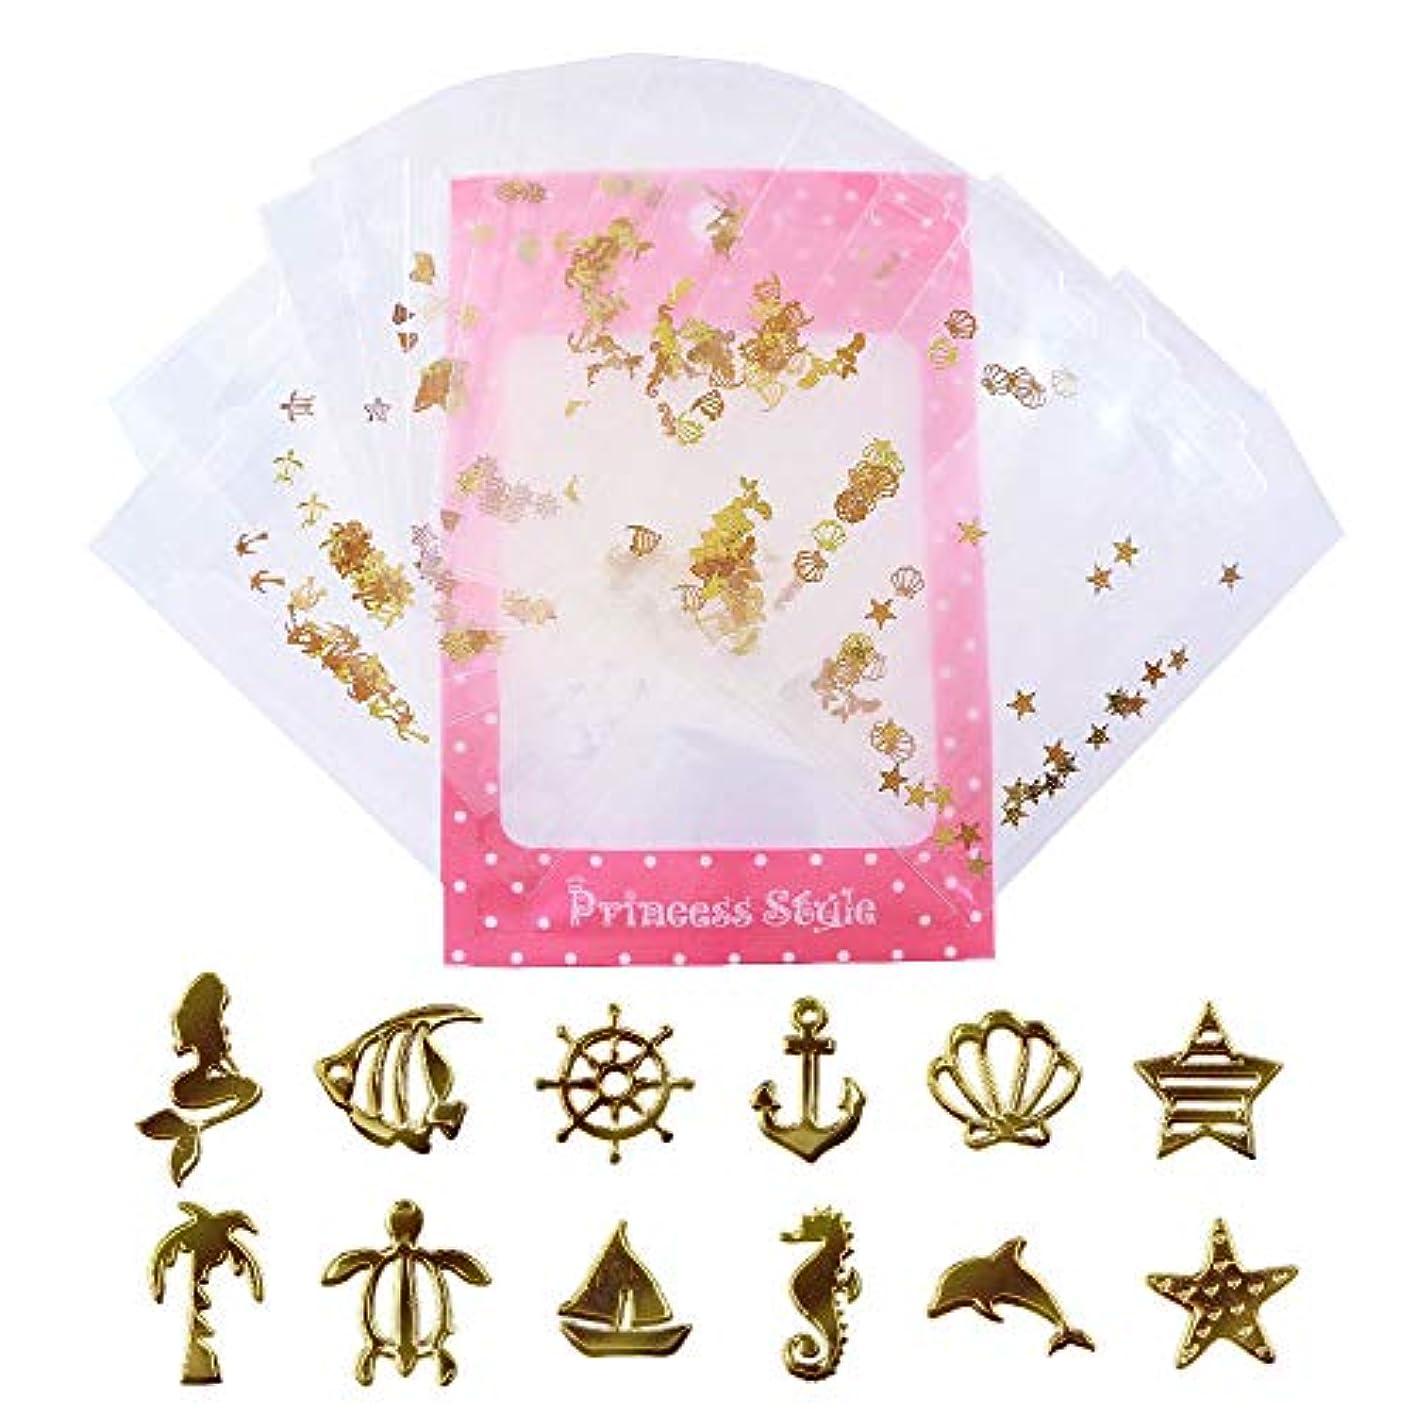 熟読経過我慢する薄型 アート パーツ ゴールド ネイル&レジン用 マリンパーツ 12種類300枚セット 袋入り